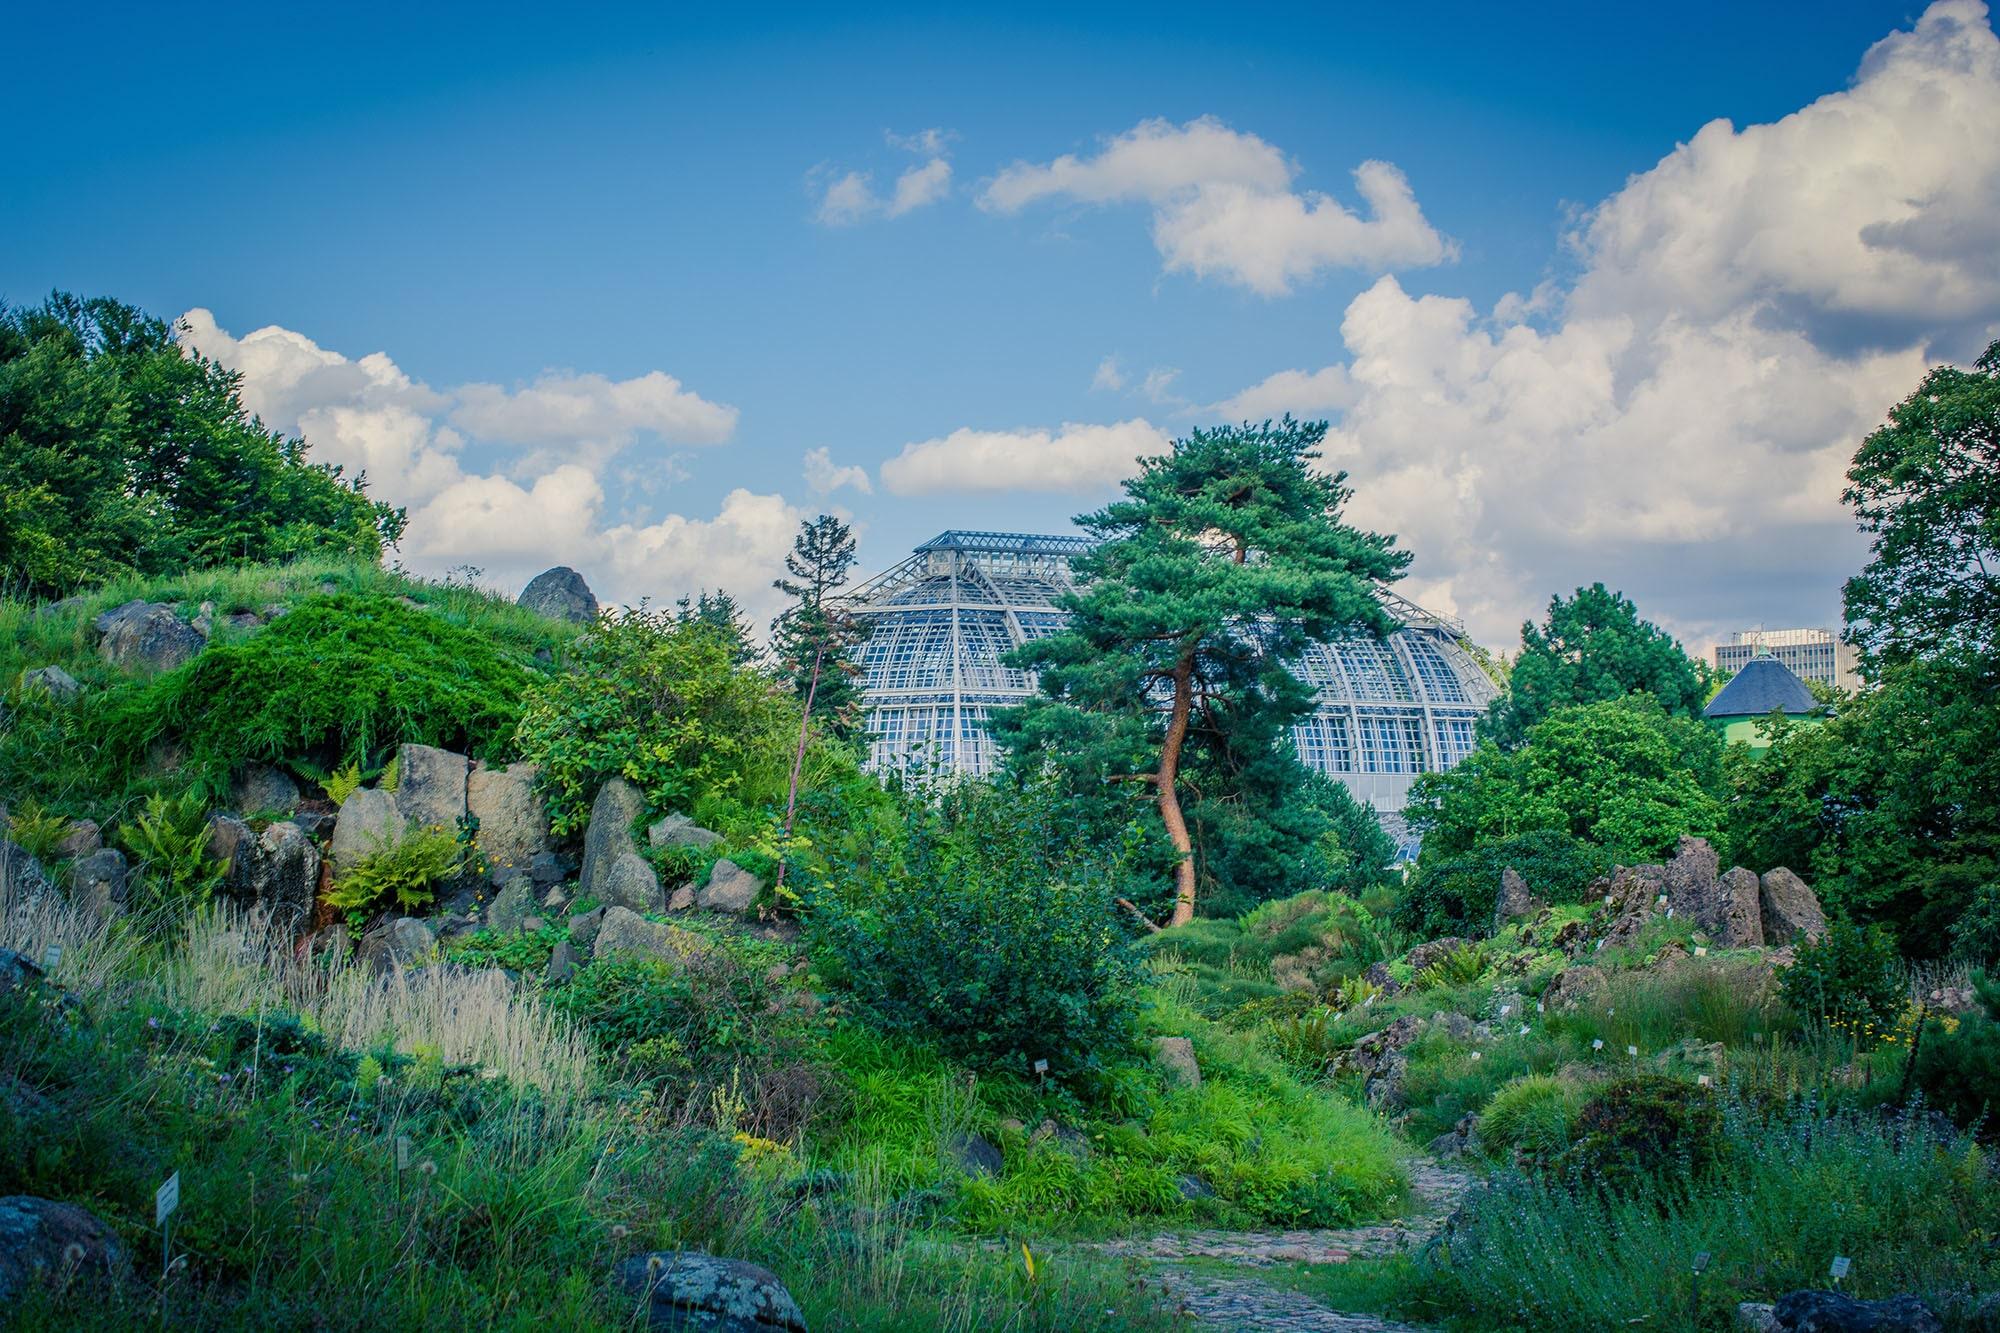 New York Botanical Garden | Limousine service limo-house.com